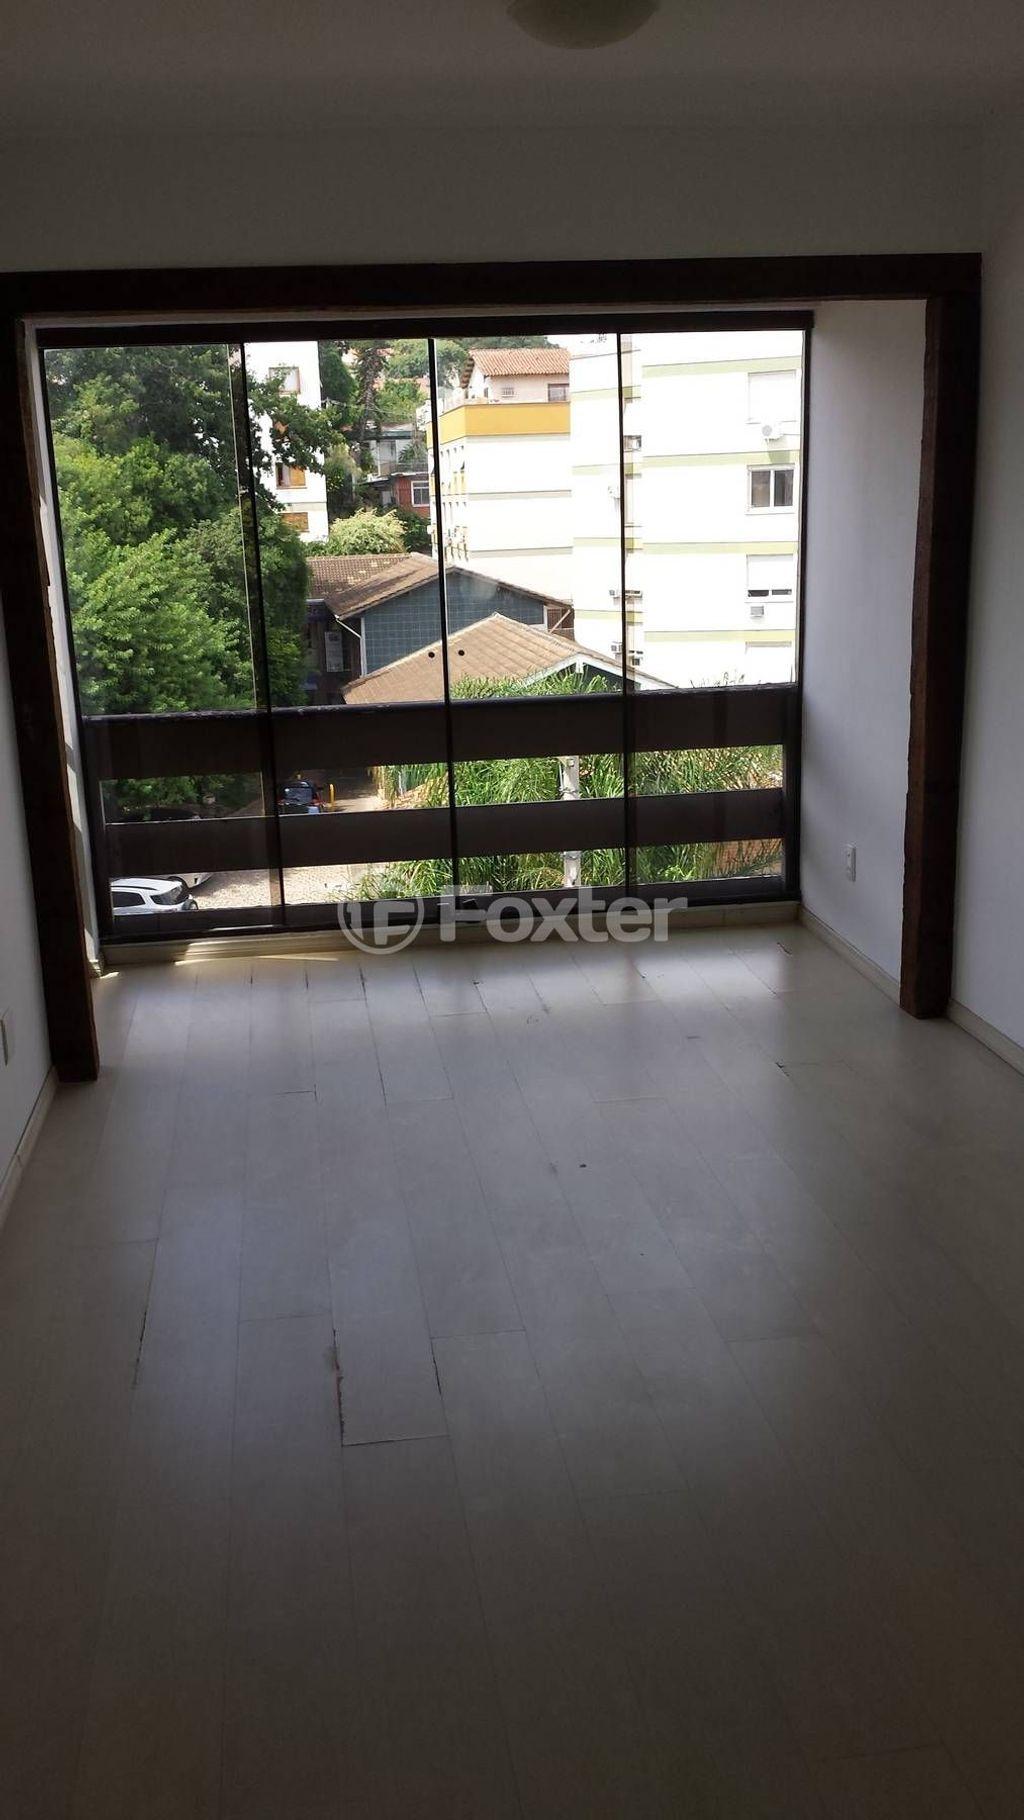 Foxter Imobiliária - Apto 2 Dorm, Tristeza